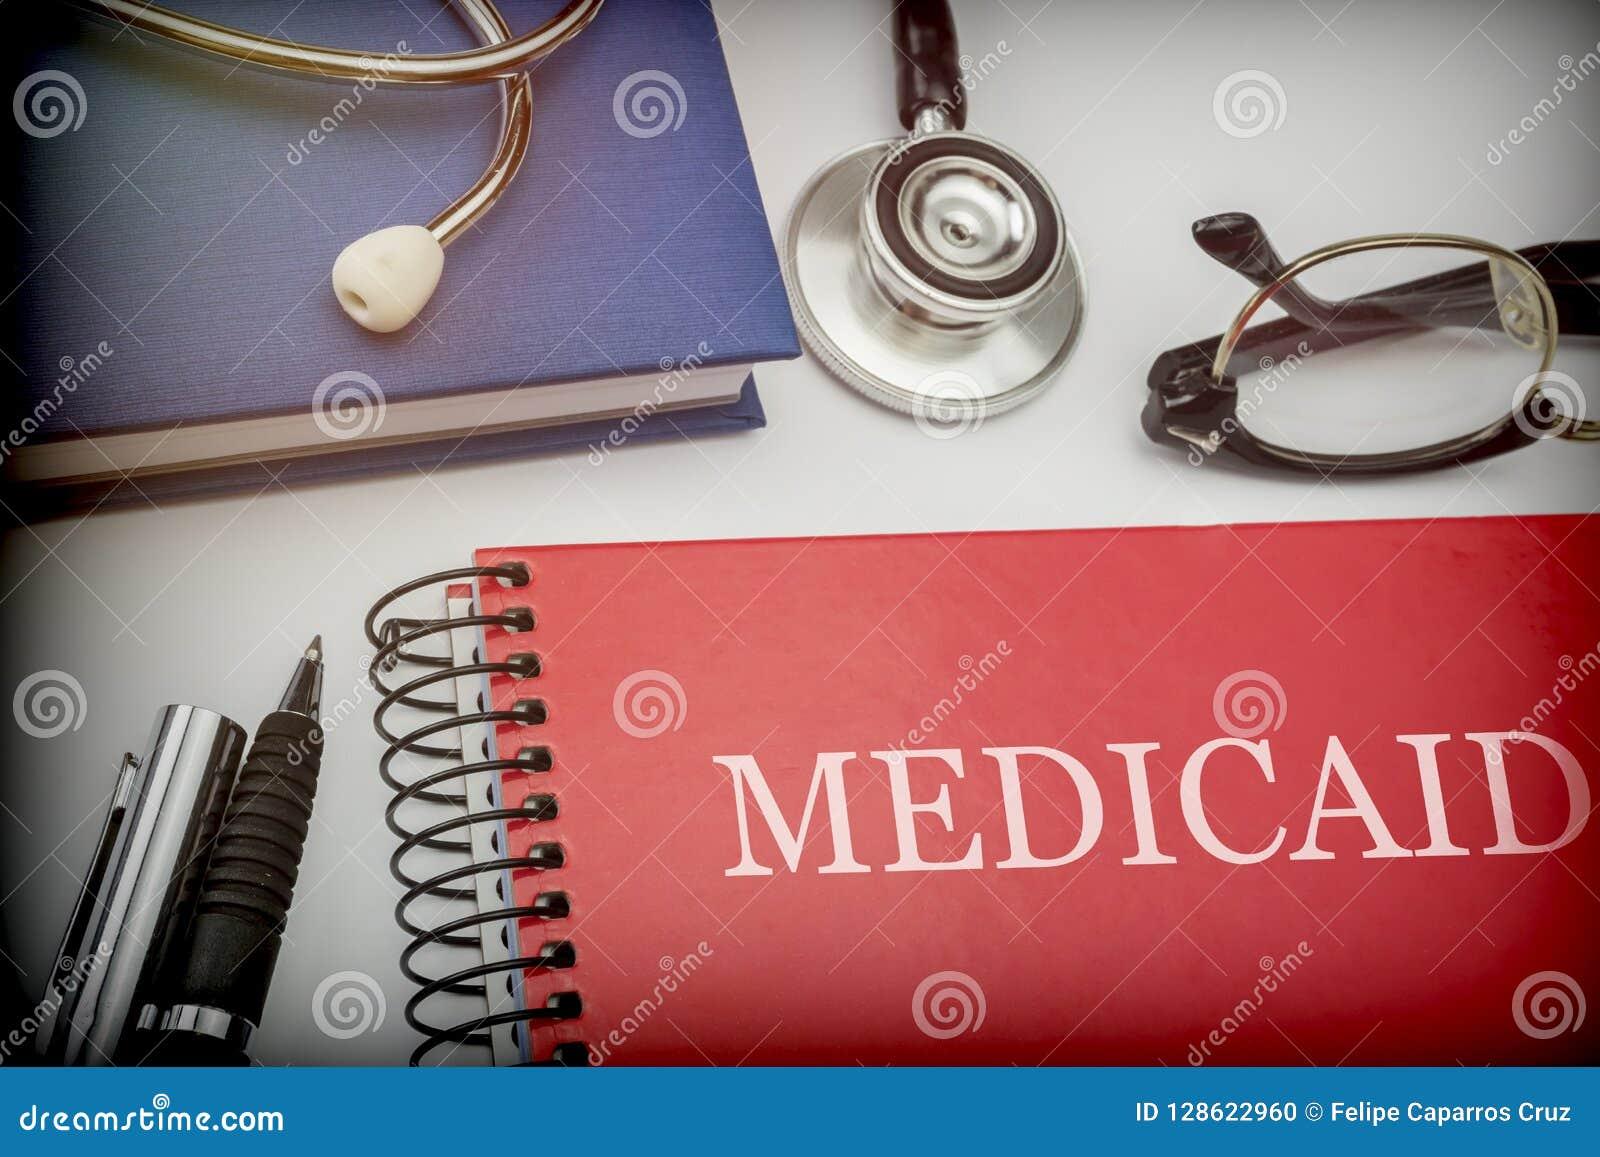 Livro vermelho intitulado medicaid junto com o equipamento médico